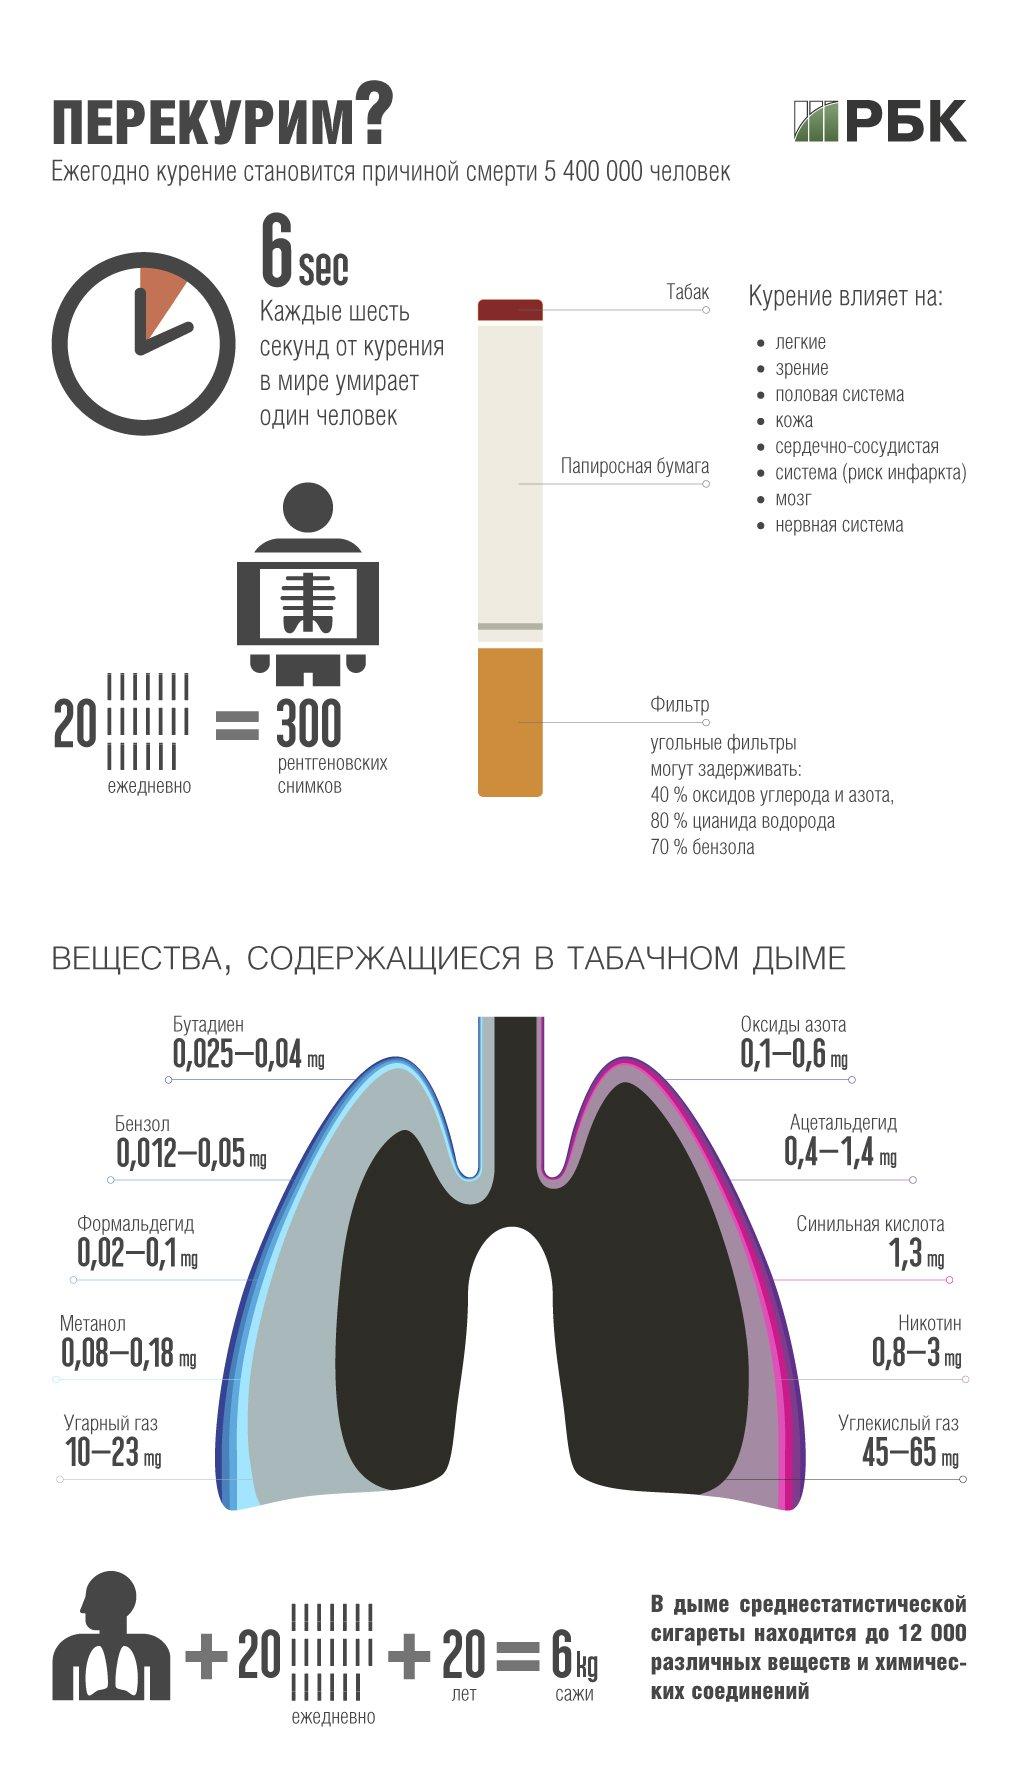 Международный день отказа от курения. Перекурим